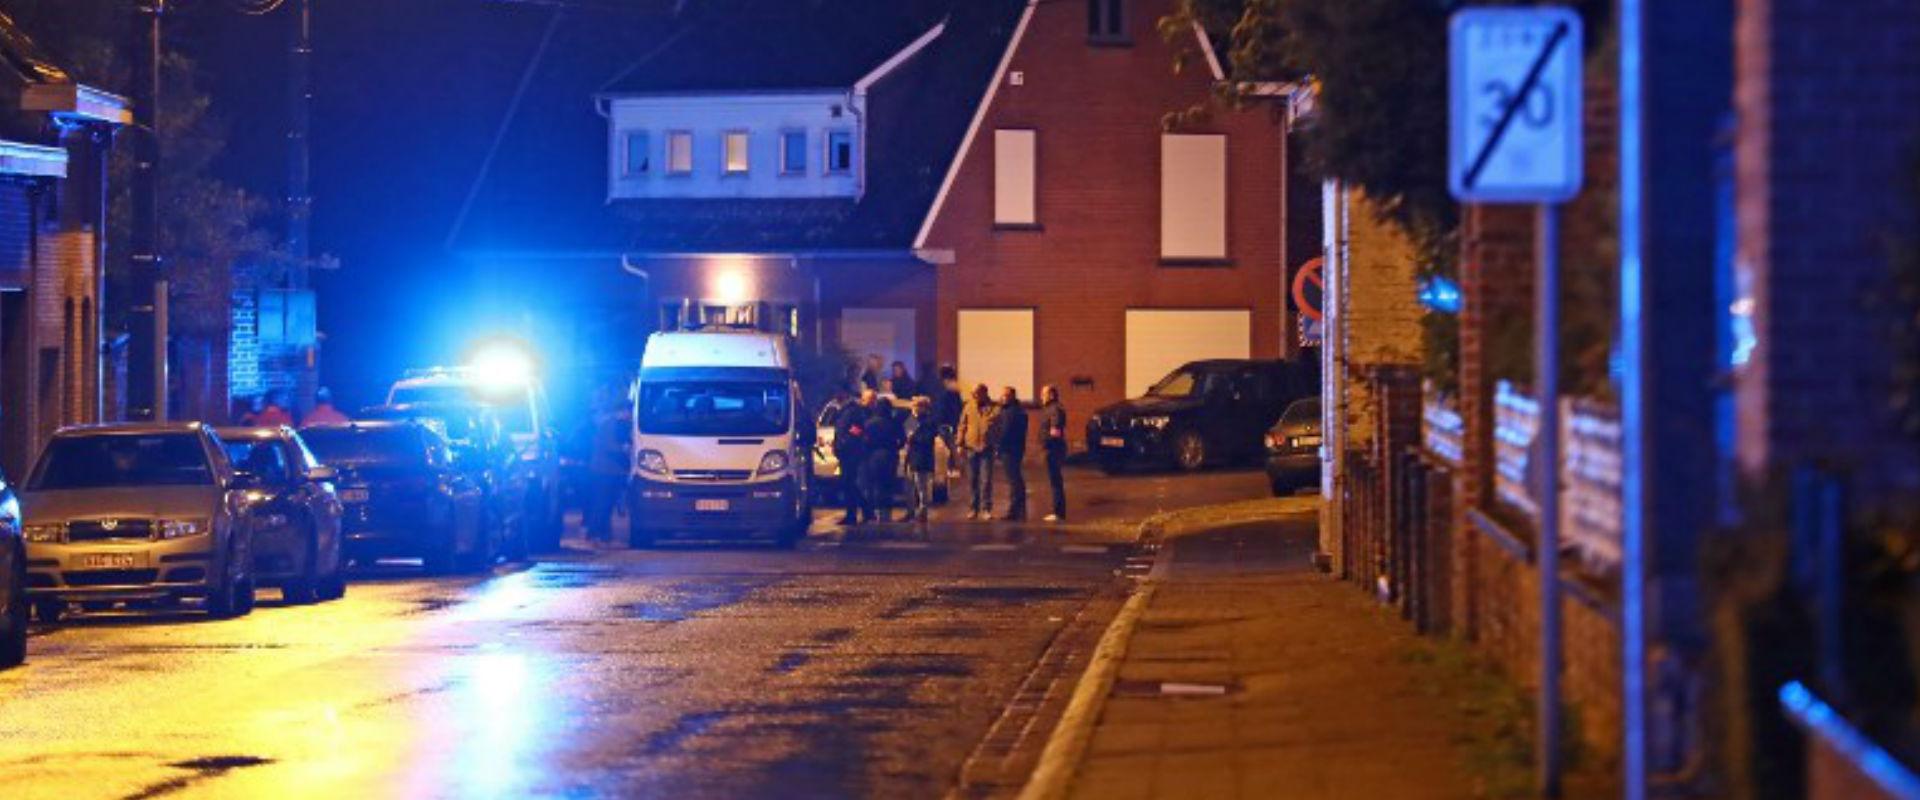 זירת הרצח בעיר מוסקרון